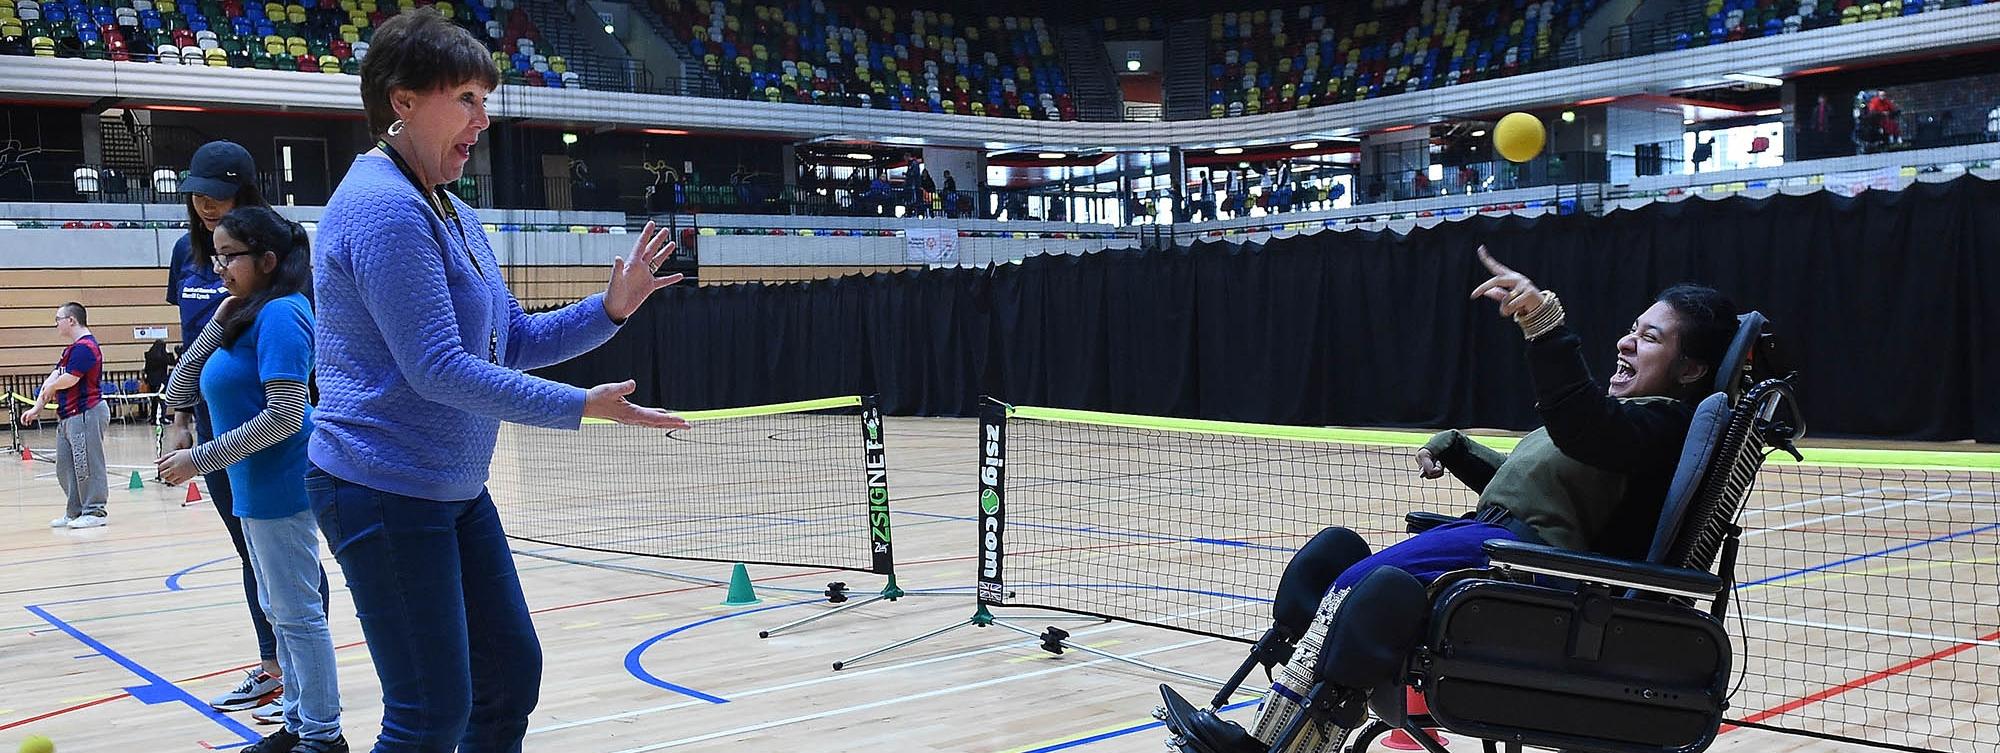 special-olympics-gb-ara_3494.jpg.JPG